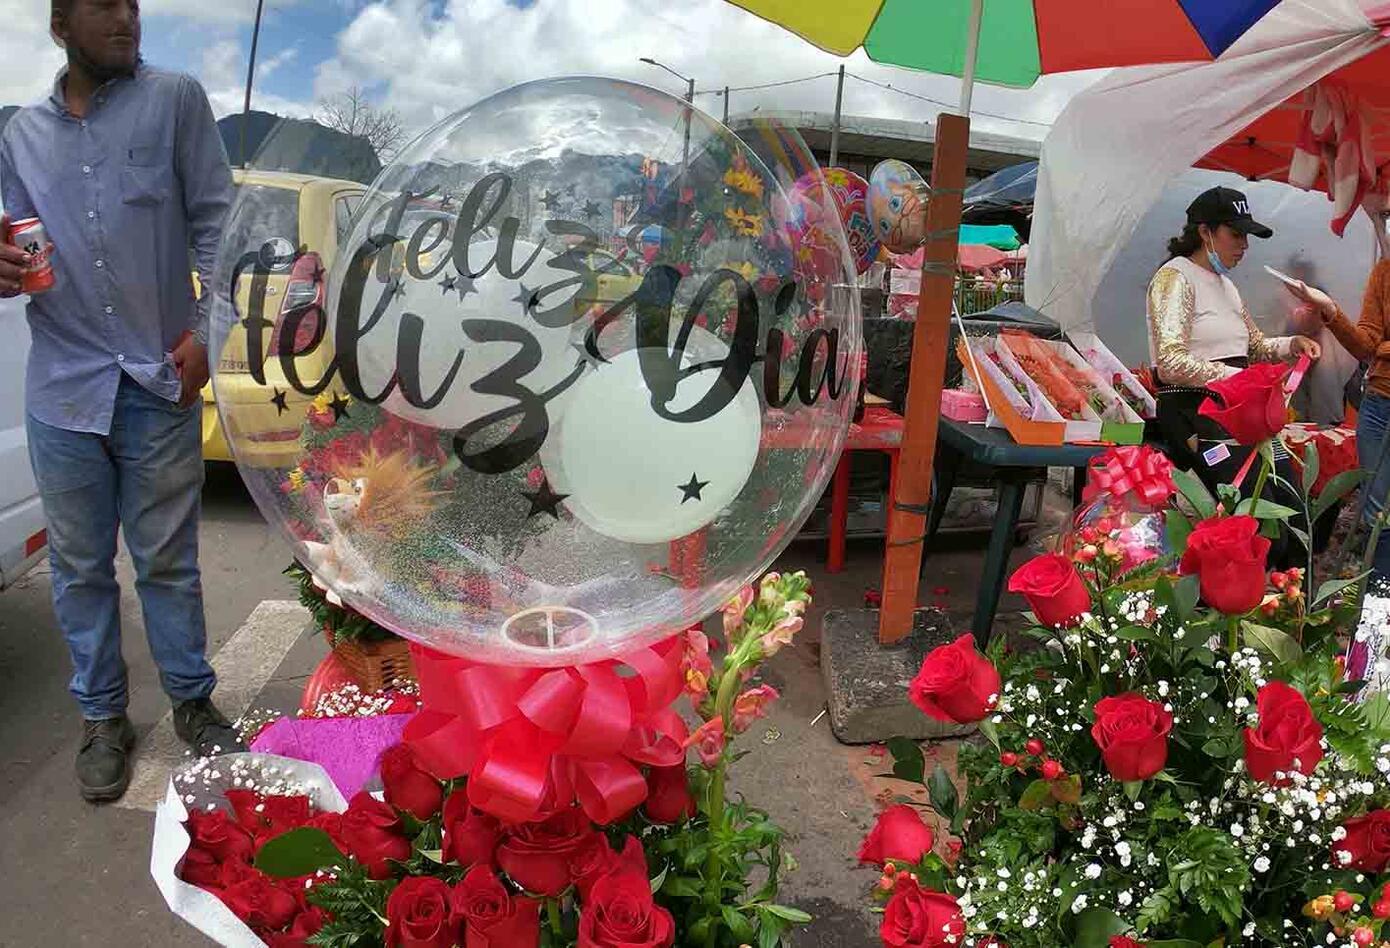 Día de la madre: vendedores de flores en Bogotá aumentaron ventas